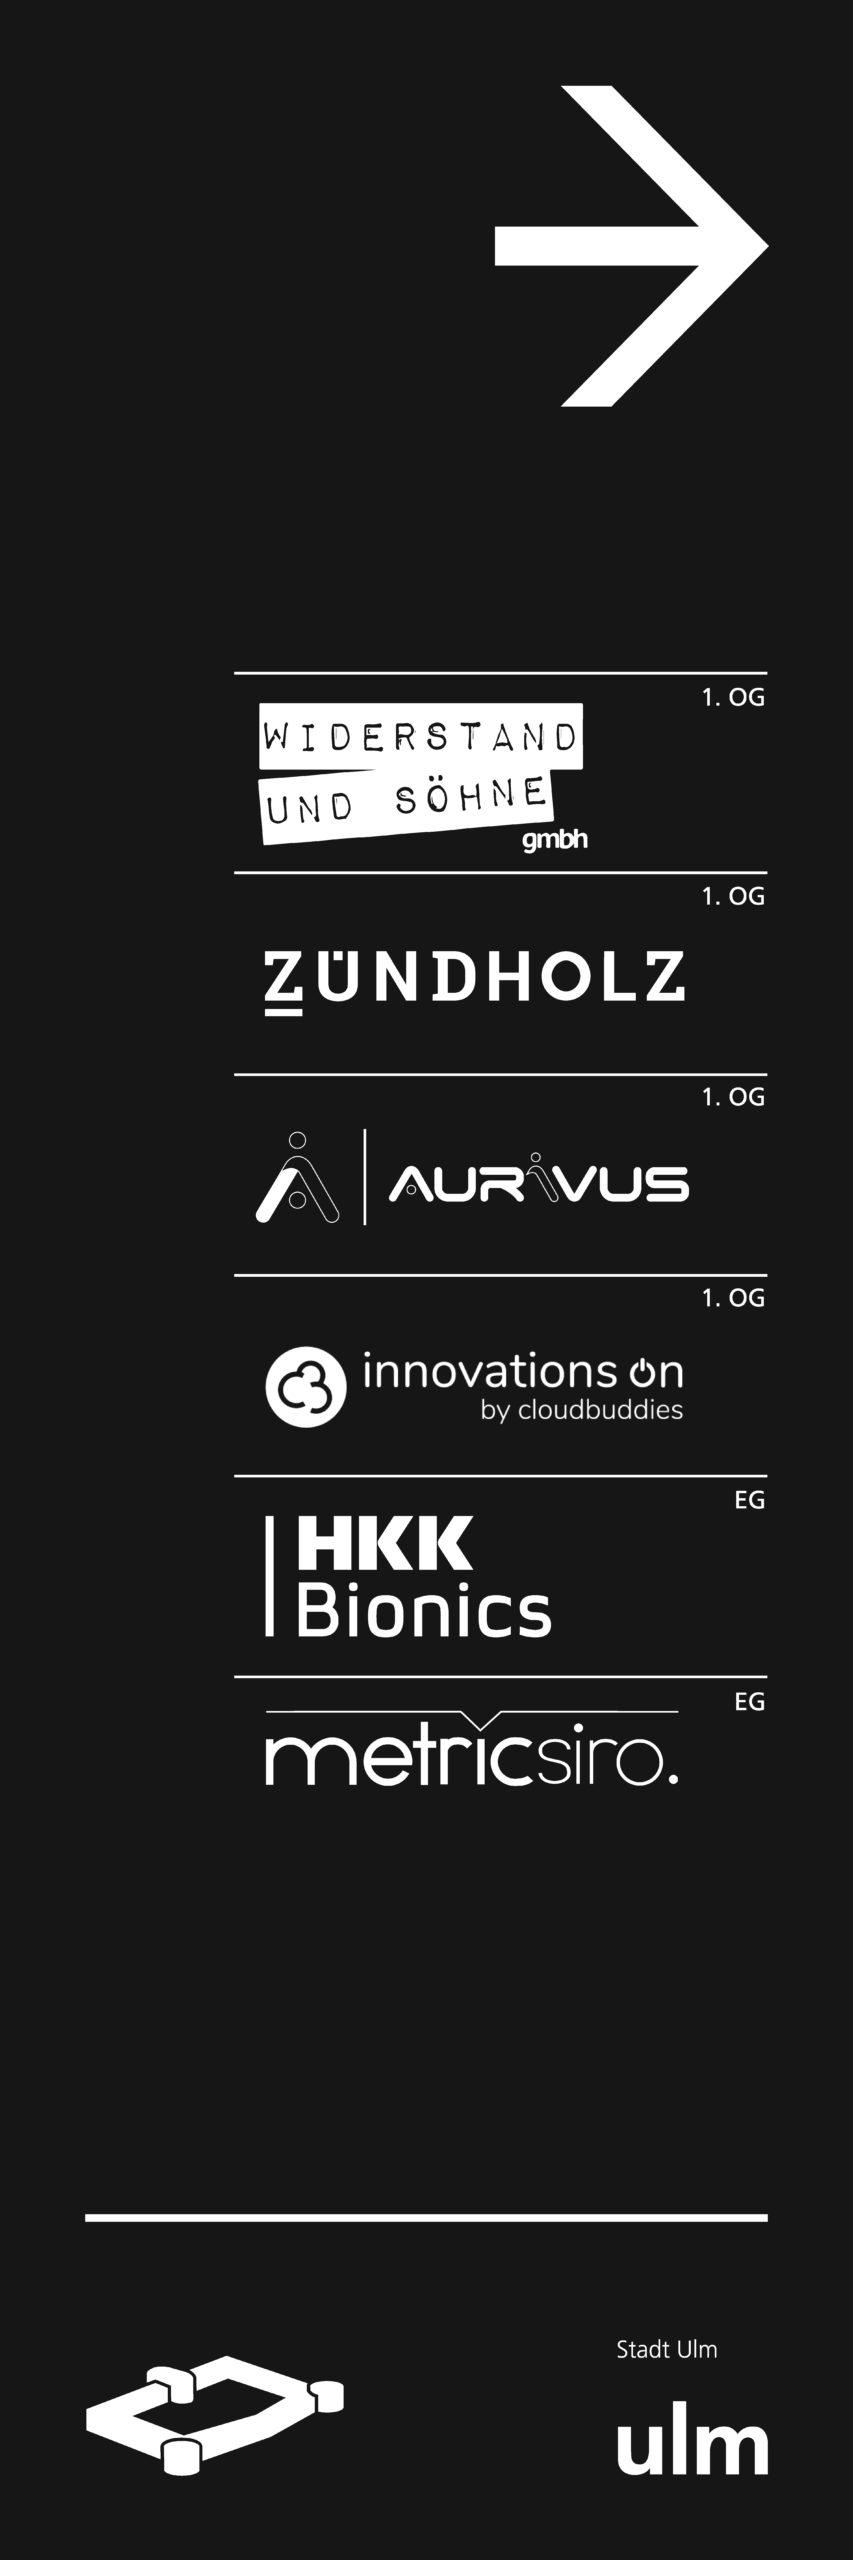 Logos der Firmen in der Wilhelmsburg